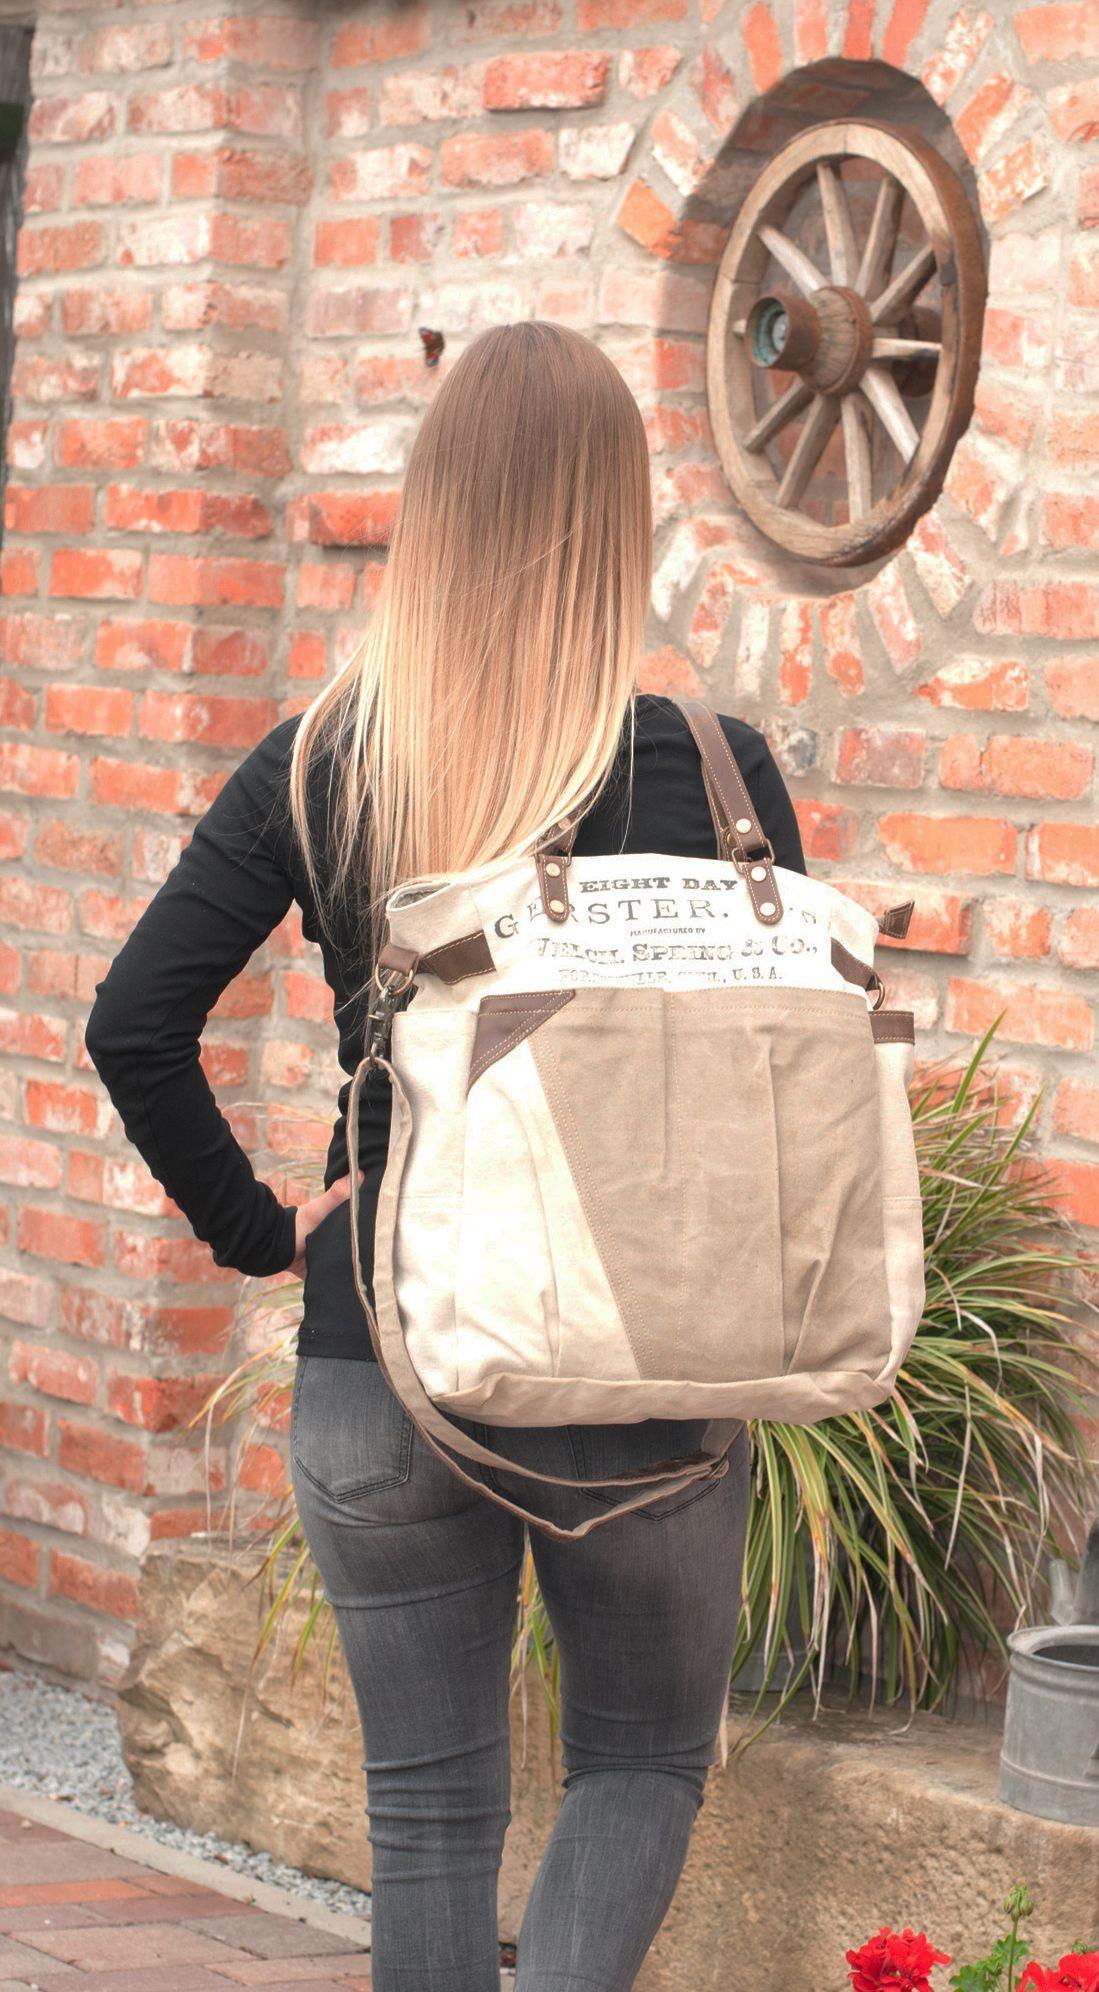 627b50a05fbe5 Damen Vintage Tasche Schultertasche Handtasche Canvastasche Canvas Leder  Shopper Vintagetasche Ledertasche Damentasche Retro